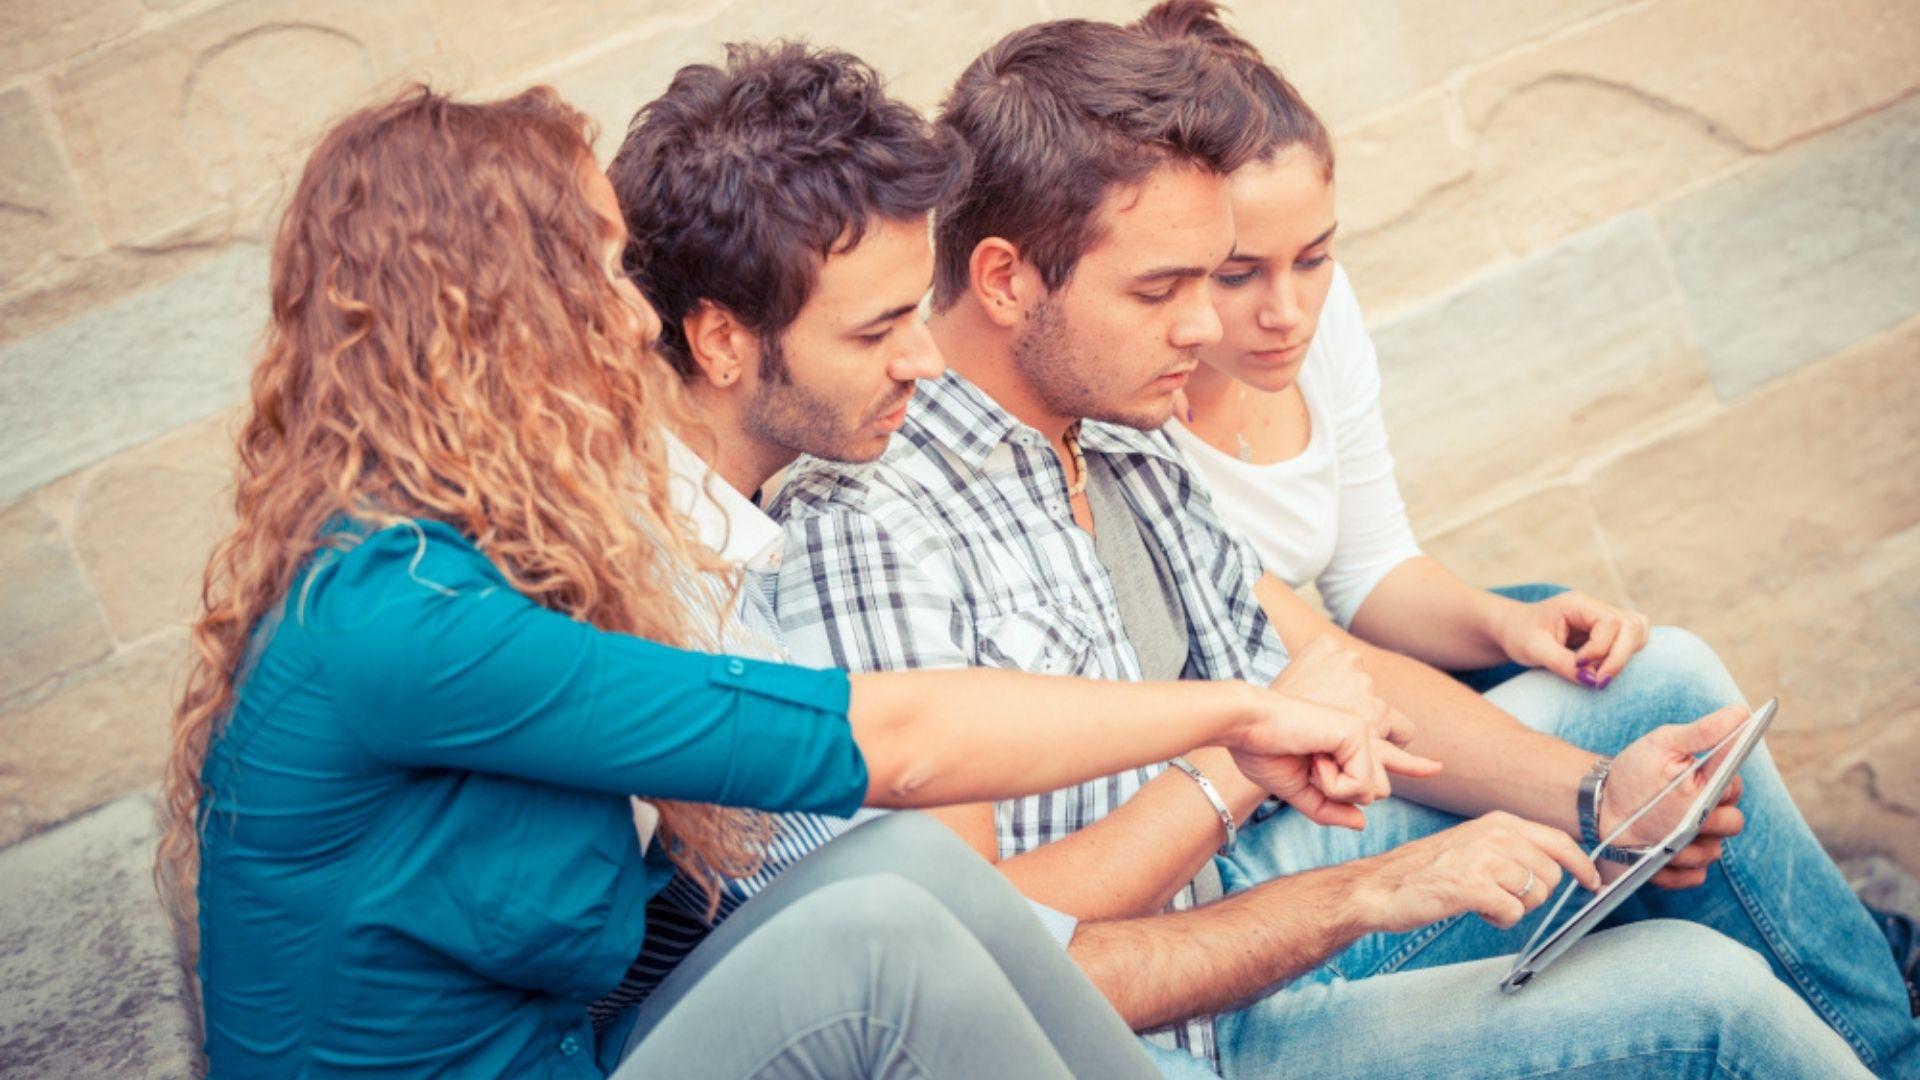 Profesionales colombianos de todas las regiones del país podrán postularse hasta el 14 de mayo para cursar estudios de maestría y doctorado en las mejores universidades de Estados Unidos.